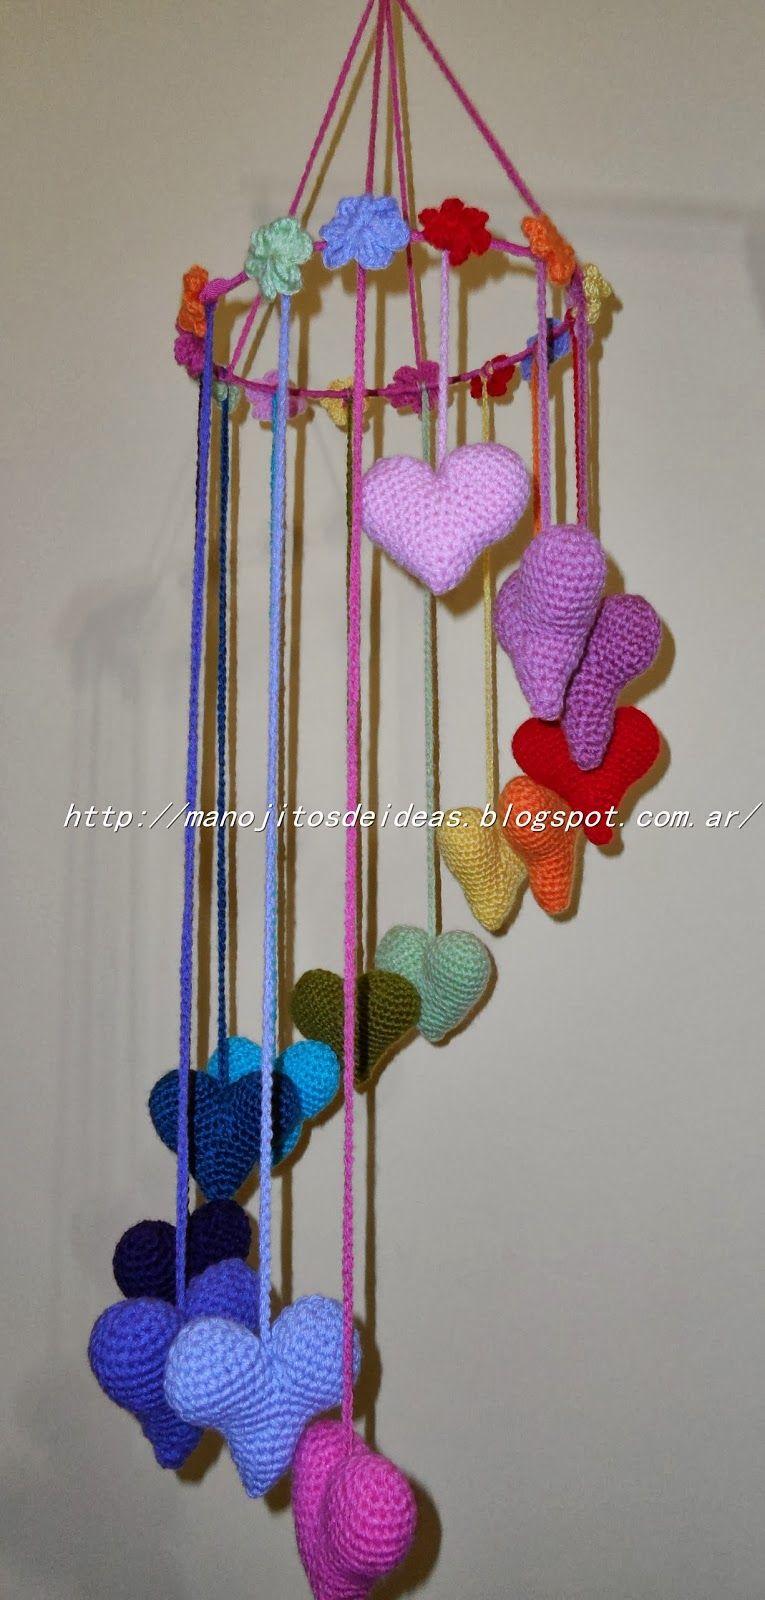 MANOJITOS DE IDEAS: Corazón,corazón...corazón de melón...